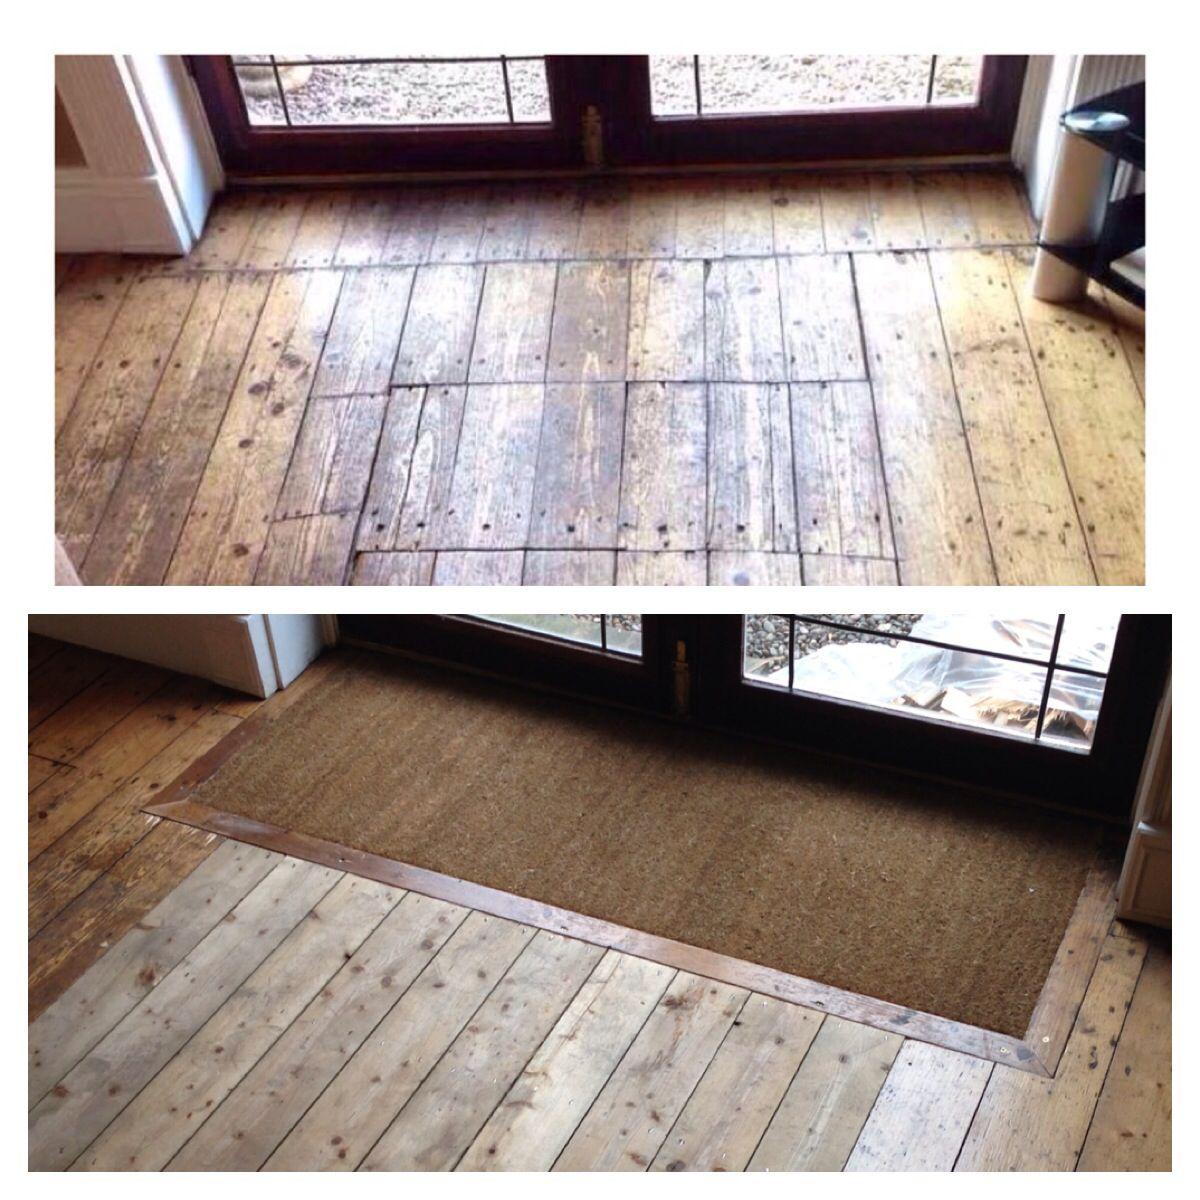 Floorboards restored with sunken floor mat well front